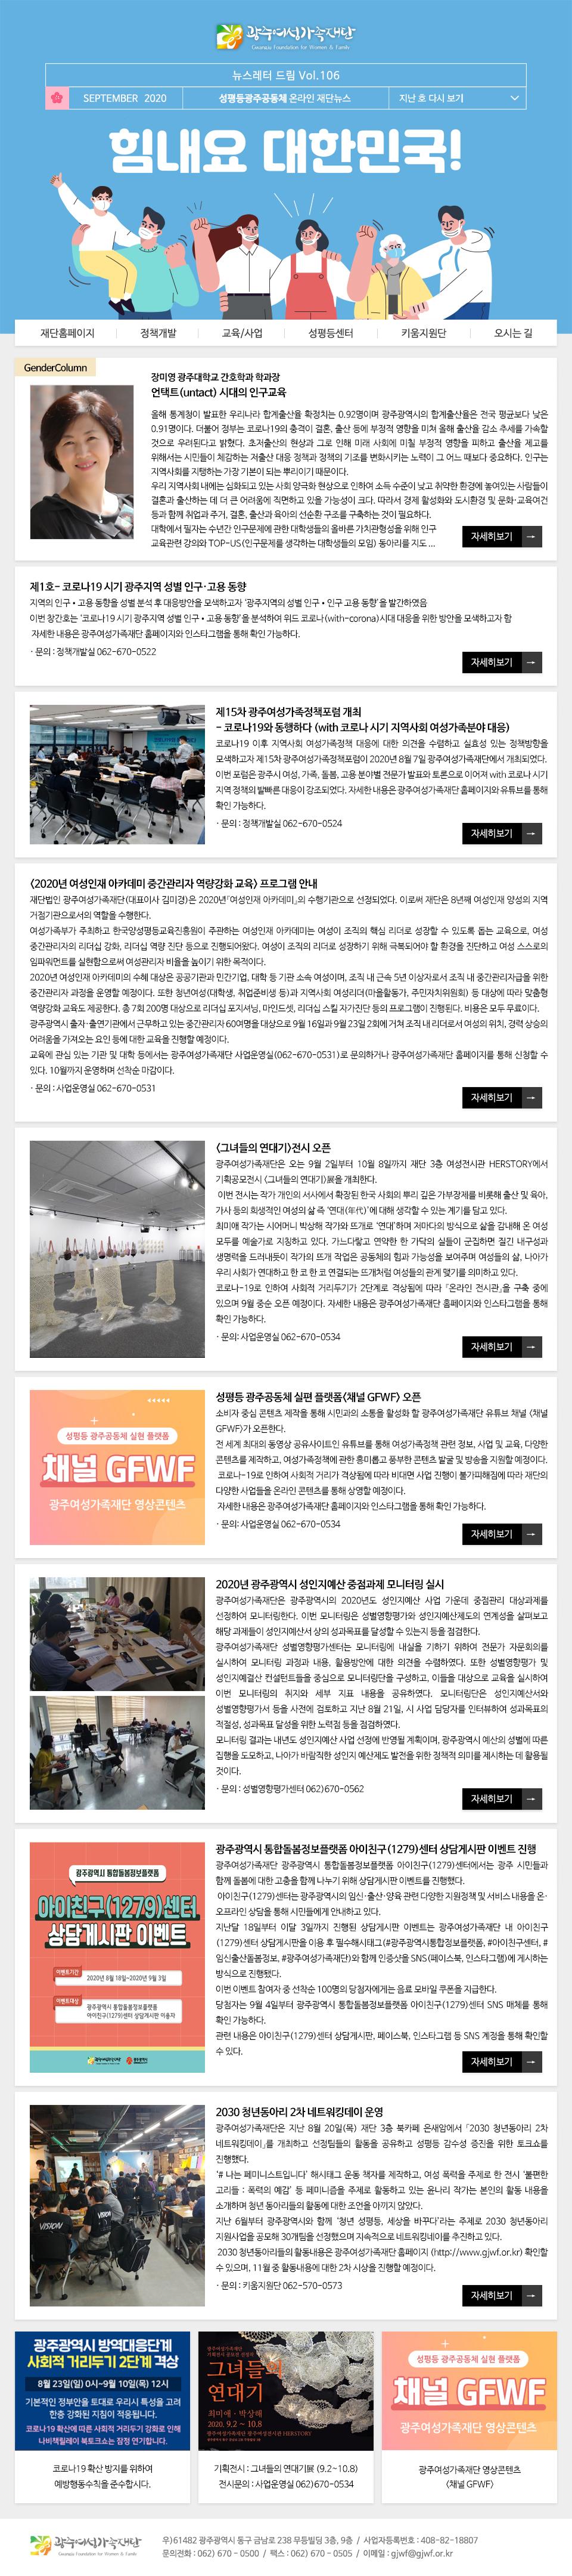 뉴스레터 드림 106호(20.9월) 썸네일